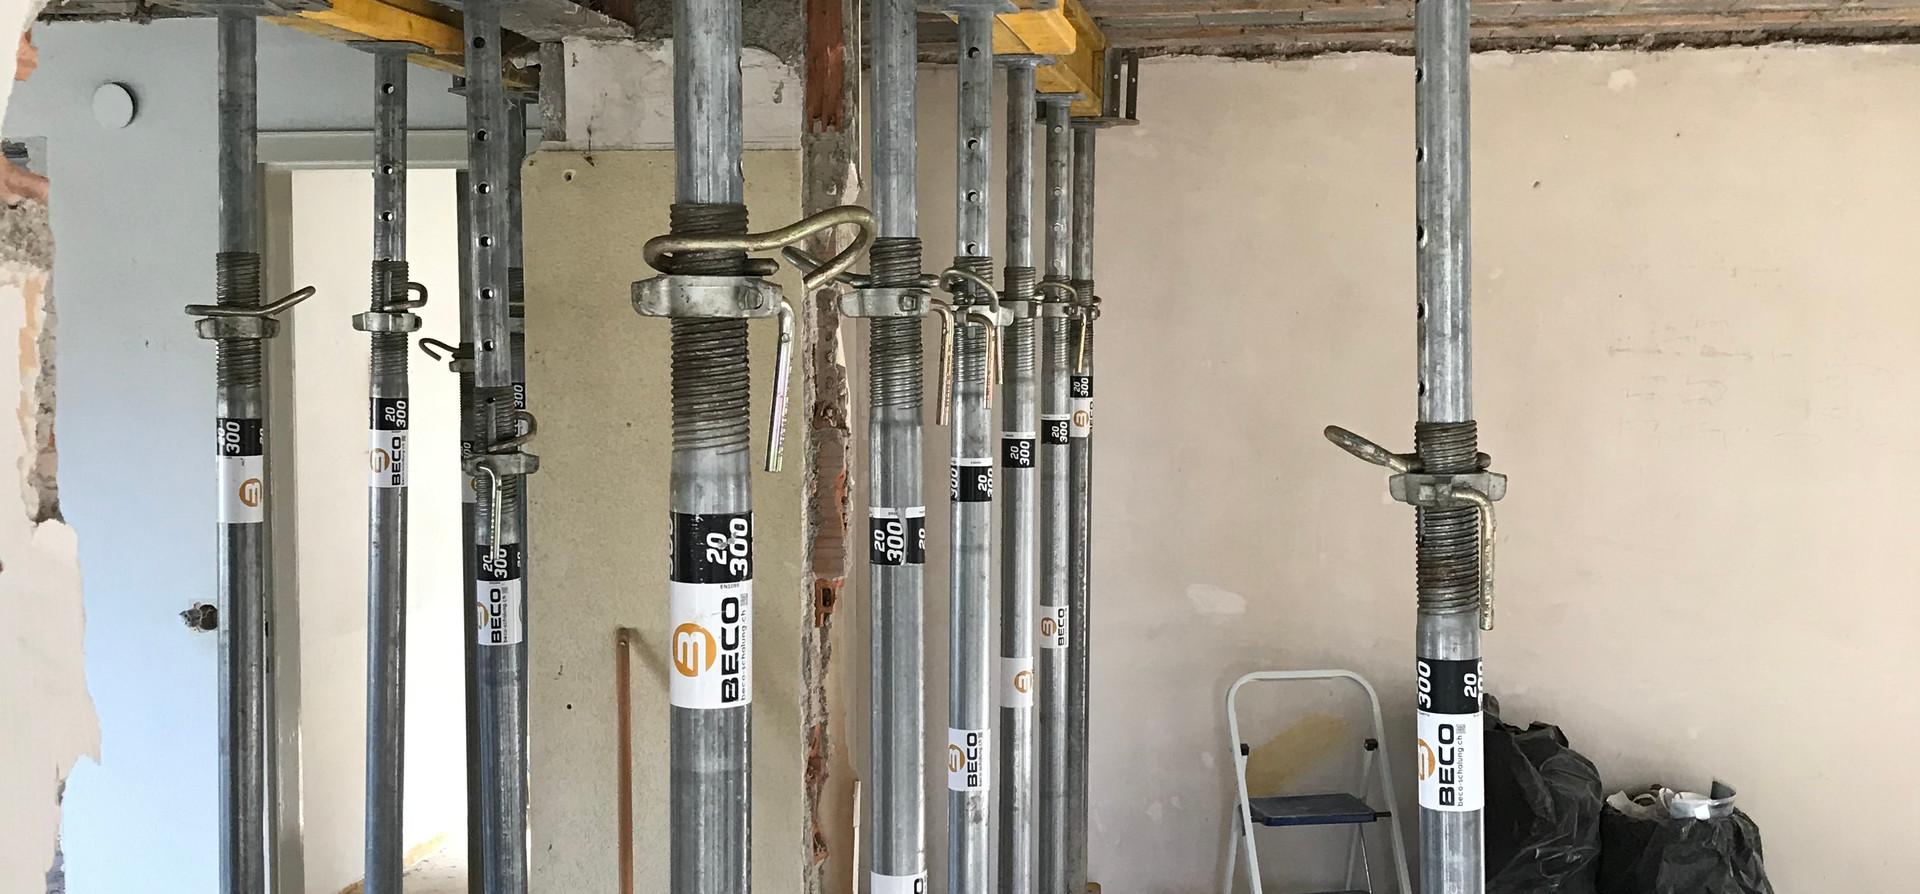 Wohnzimmer Umbaustand November 2019